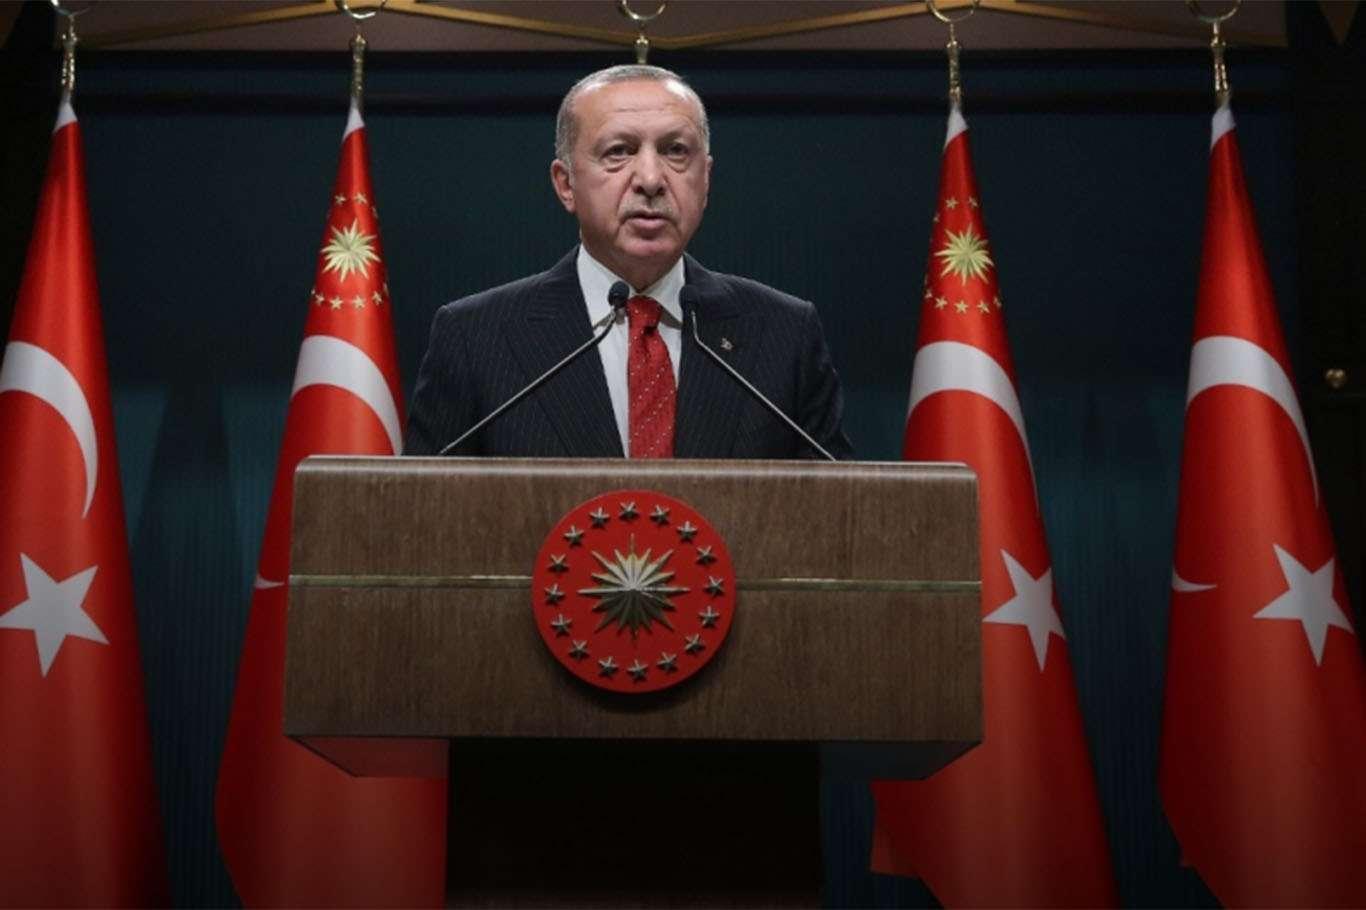 Cumhurbaşkanı Erdoğan, Kızılay personelinin ailesine başsağlığı diledi